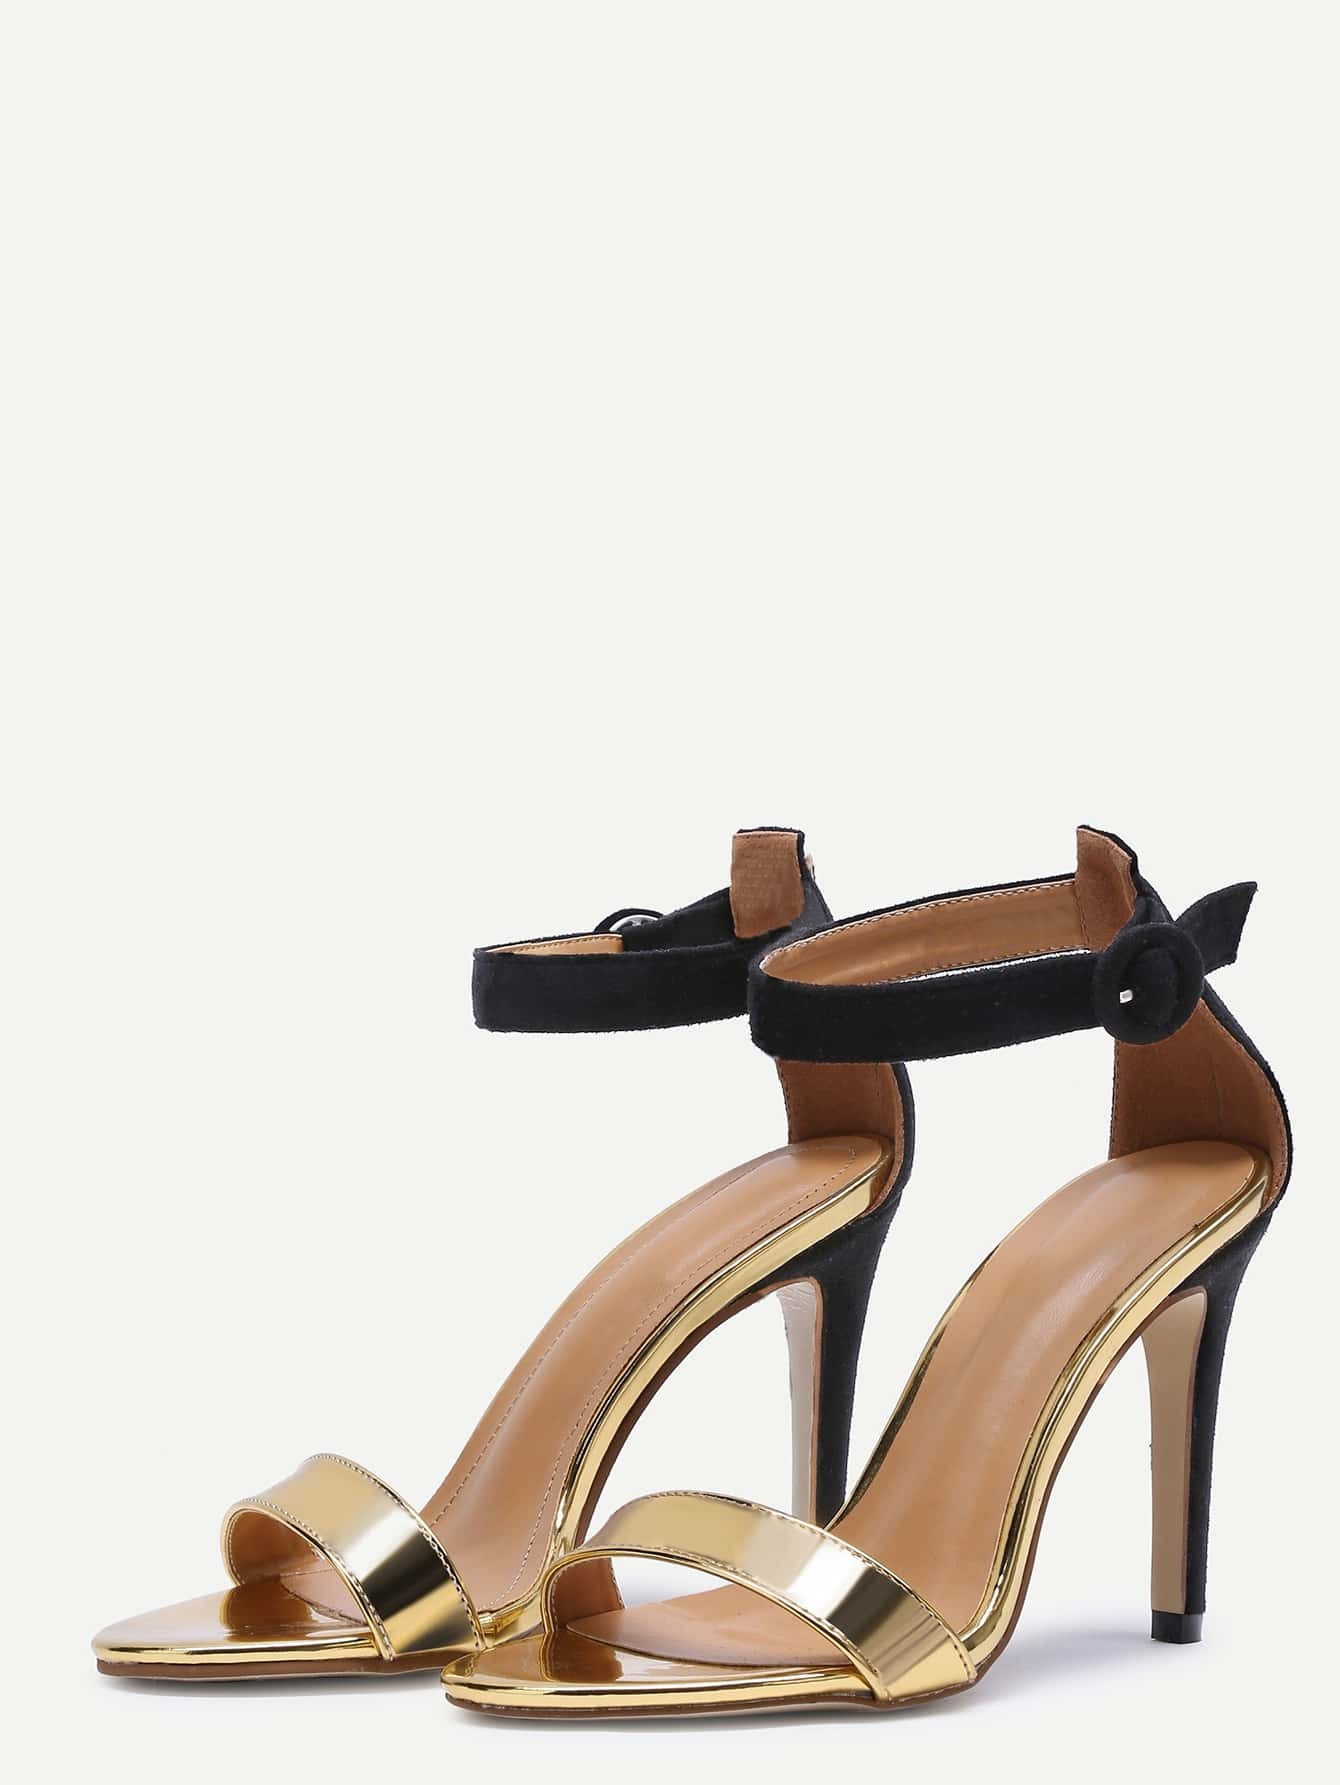 shoes161207804_2